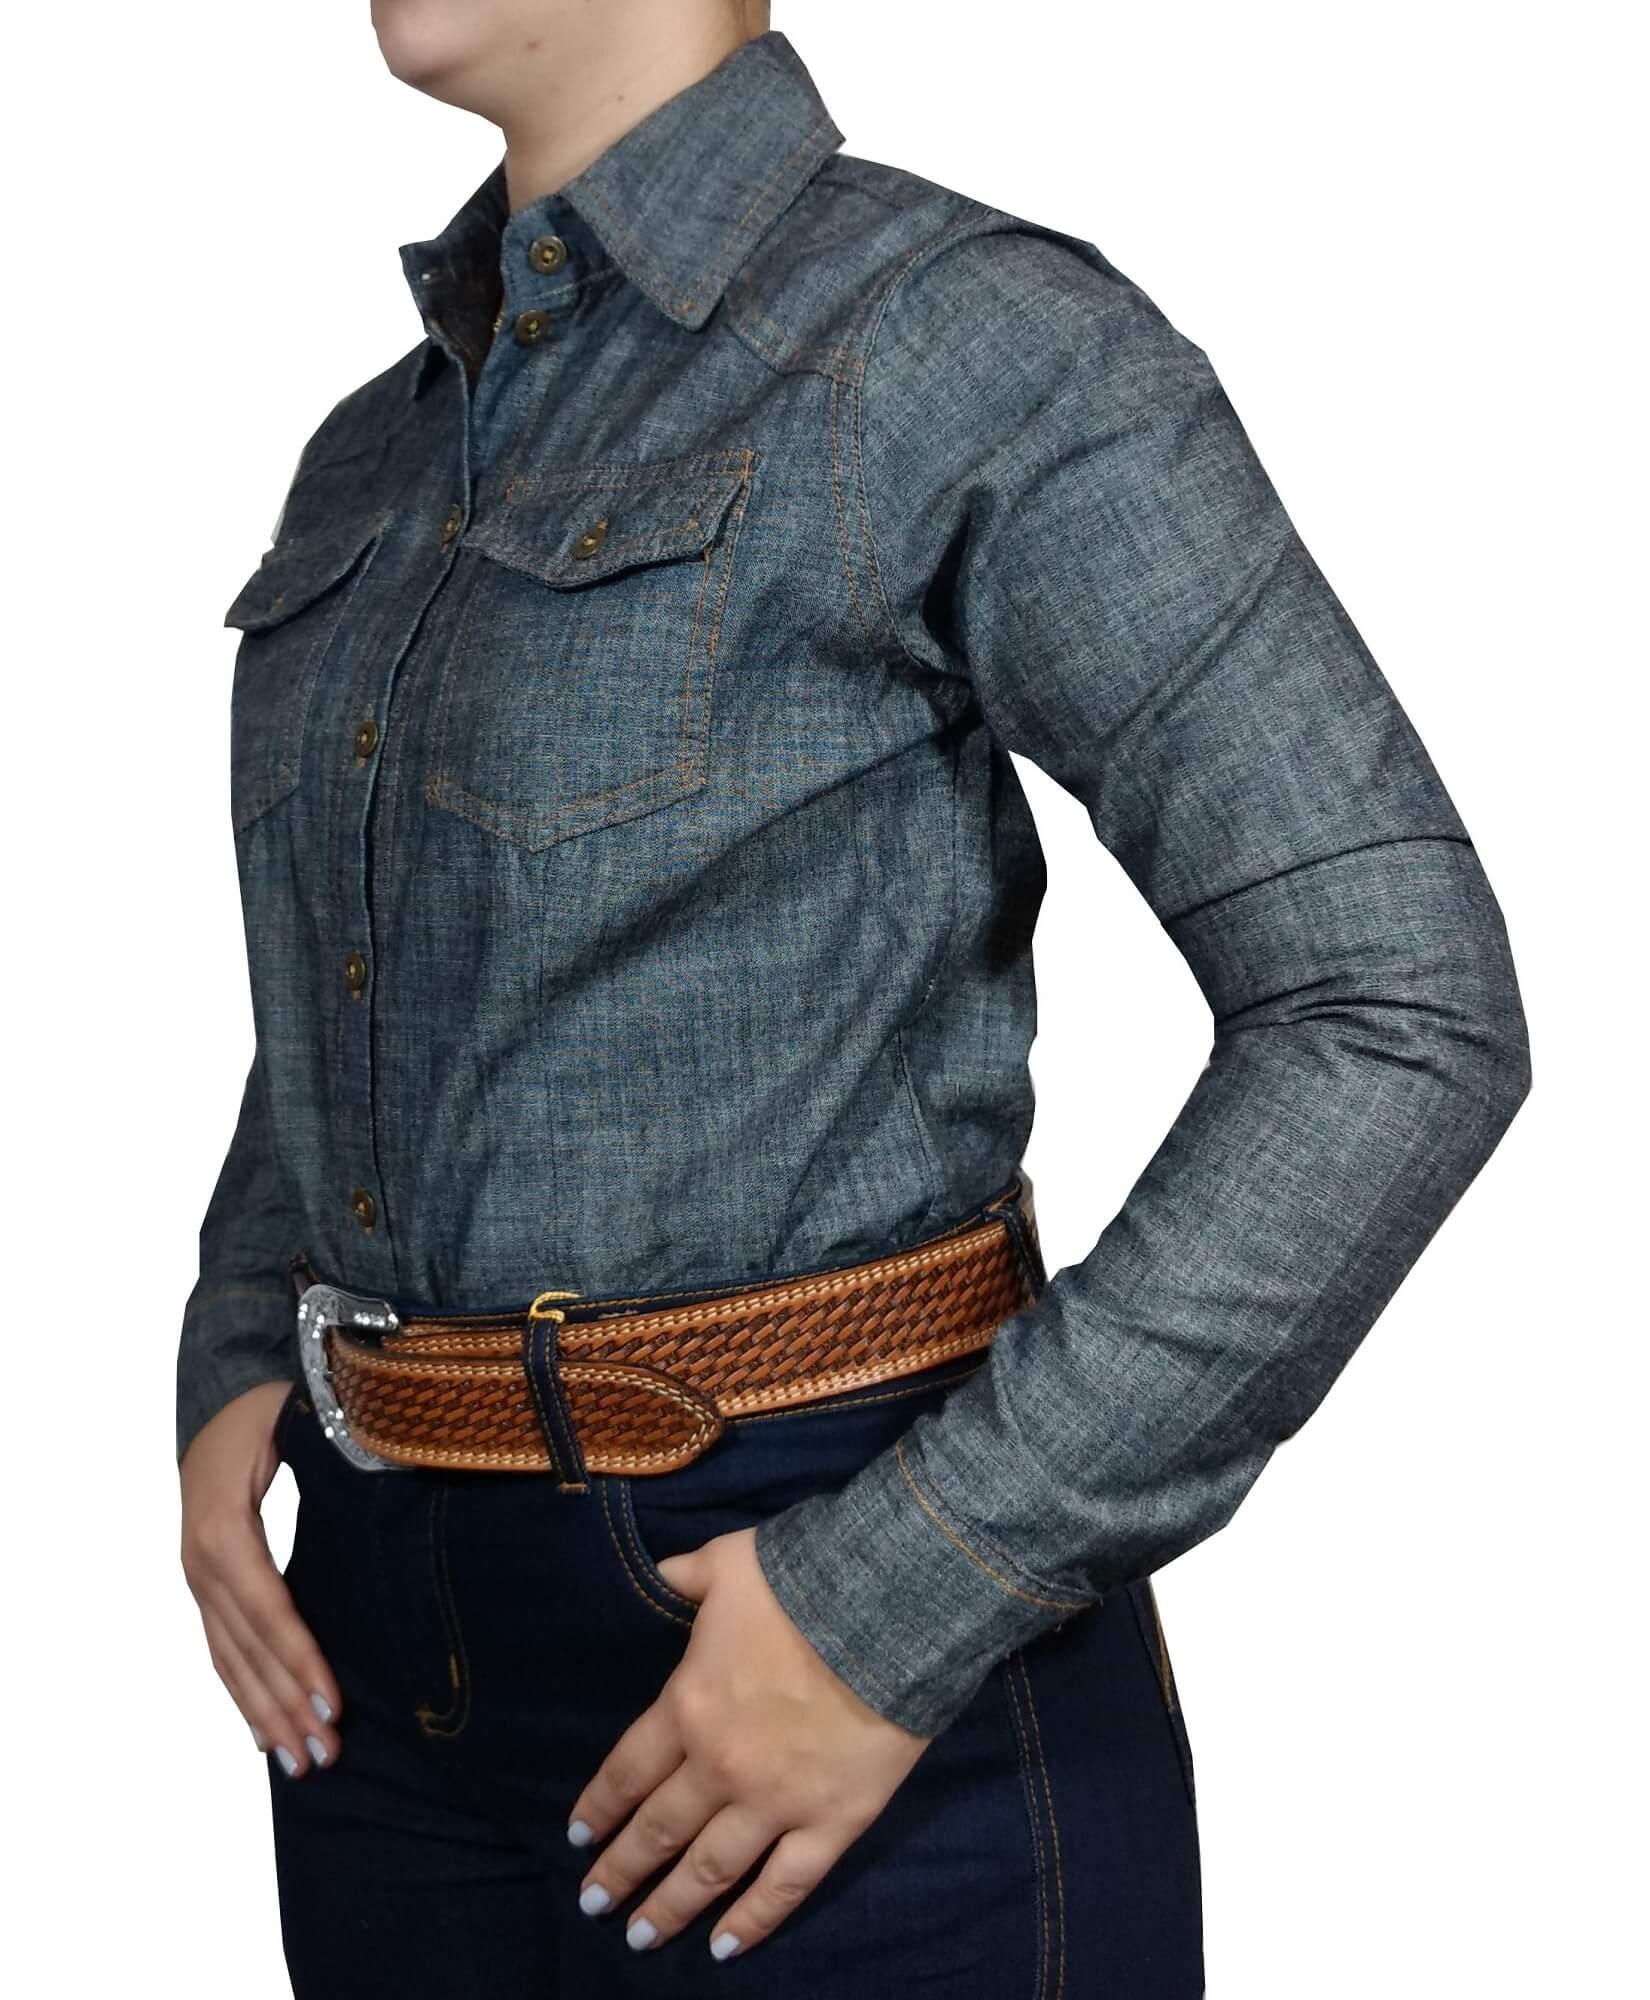 Camisa Feminina Apache Jeans Dois Bolsos